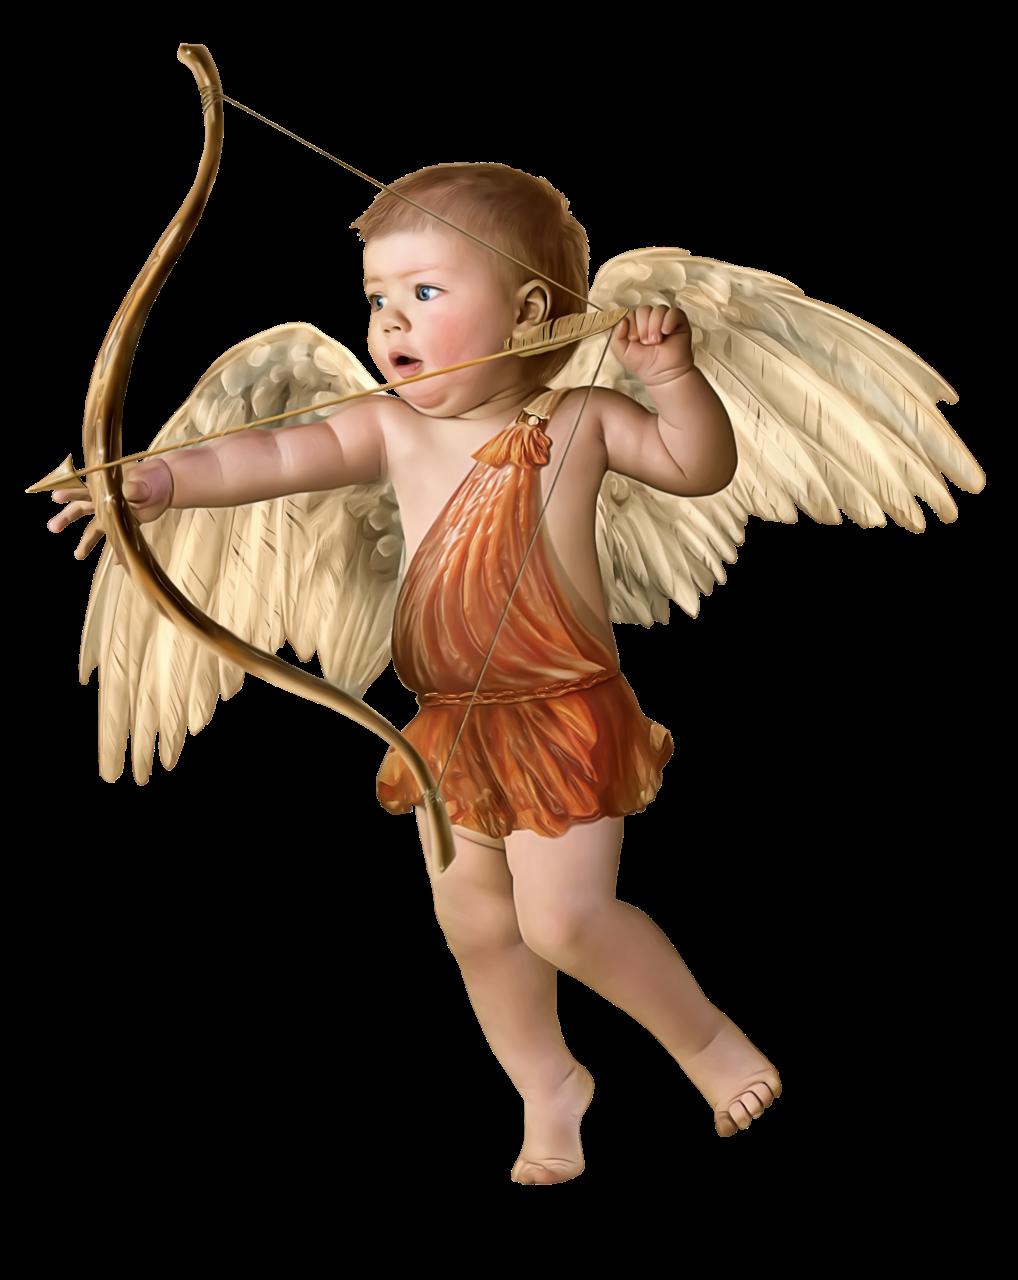 паста отлично ангелы с луком картинки фантазию для творчества